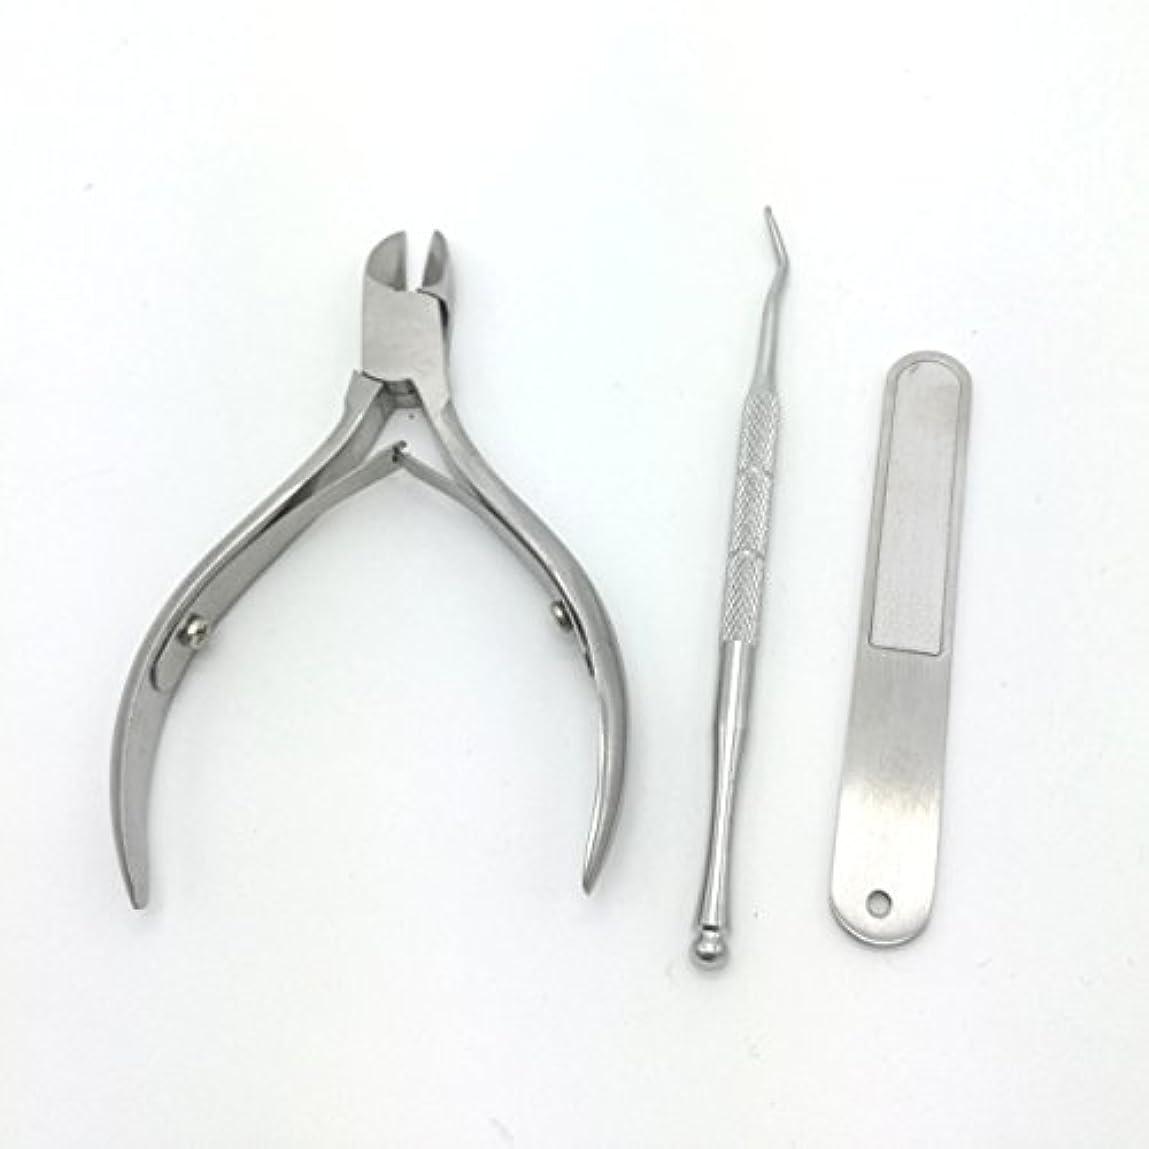 関数近代化ディプロマ爪切り 改良版ニッパー爪切り ステンレス製 ニッパー式爪切り ネイルニッパー 爪やすり、ゾンデ付き お年寄りプレゼント 贈答ケース付属